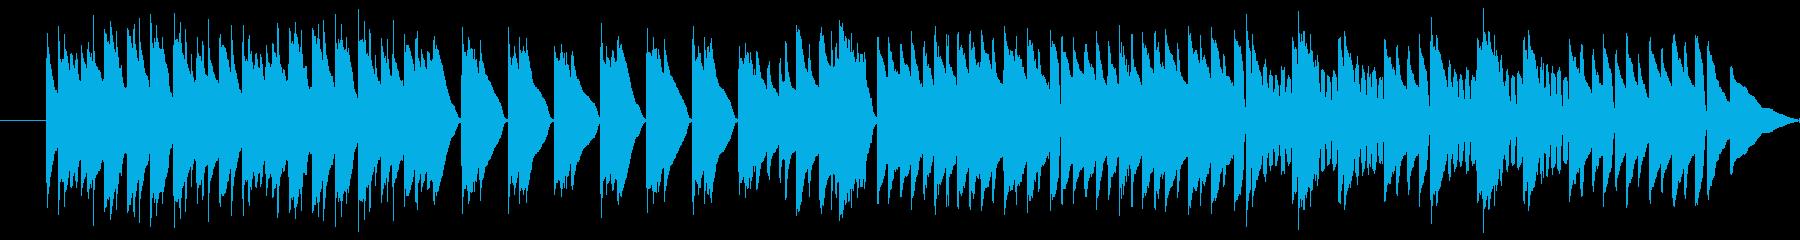 シンプルなピアノの曲です。宜しくお願い…の再生済みの波形